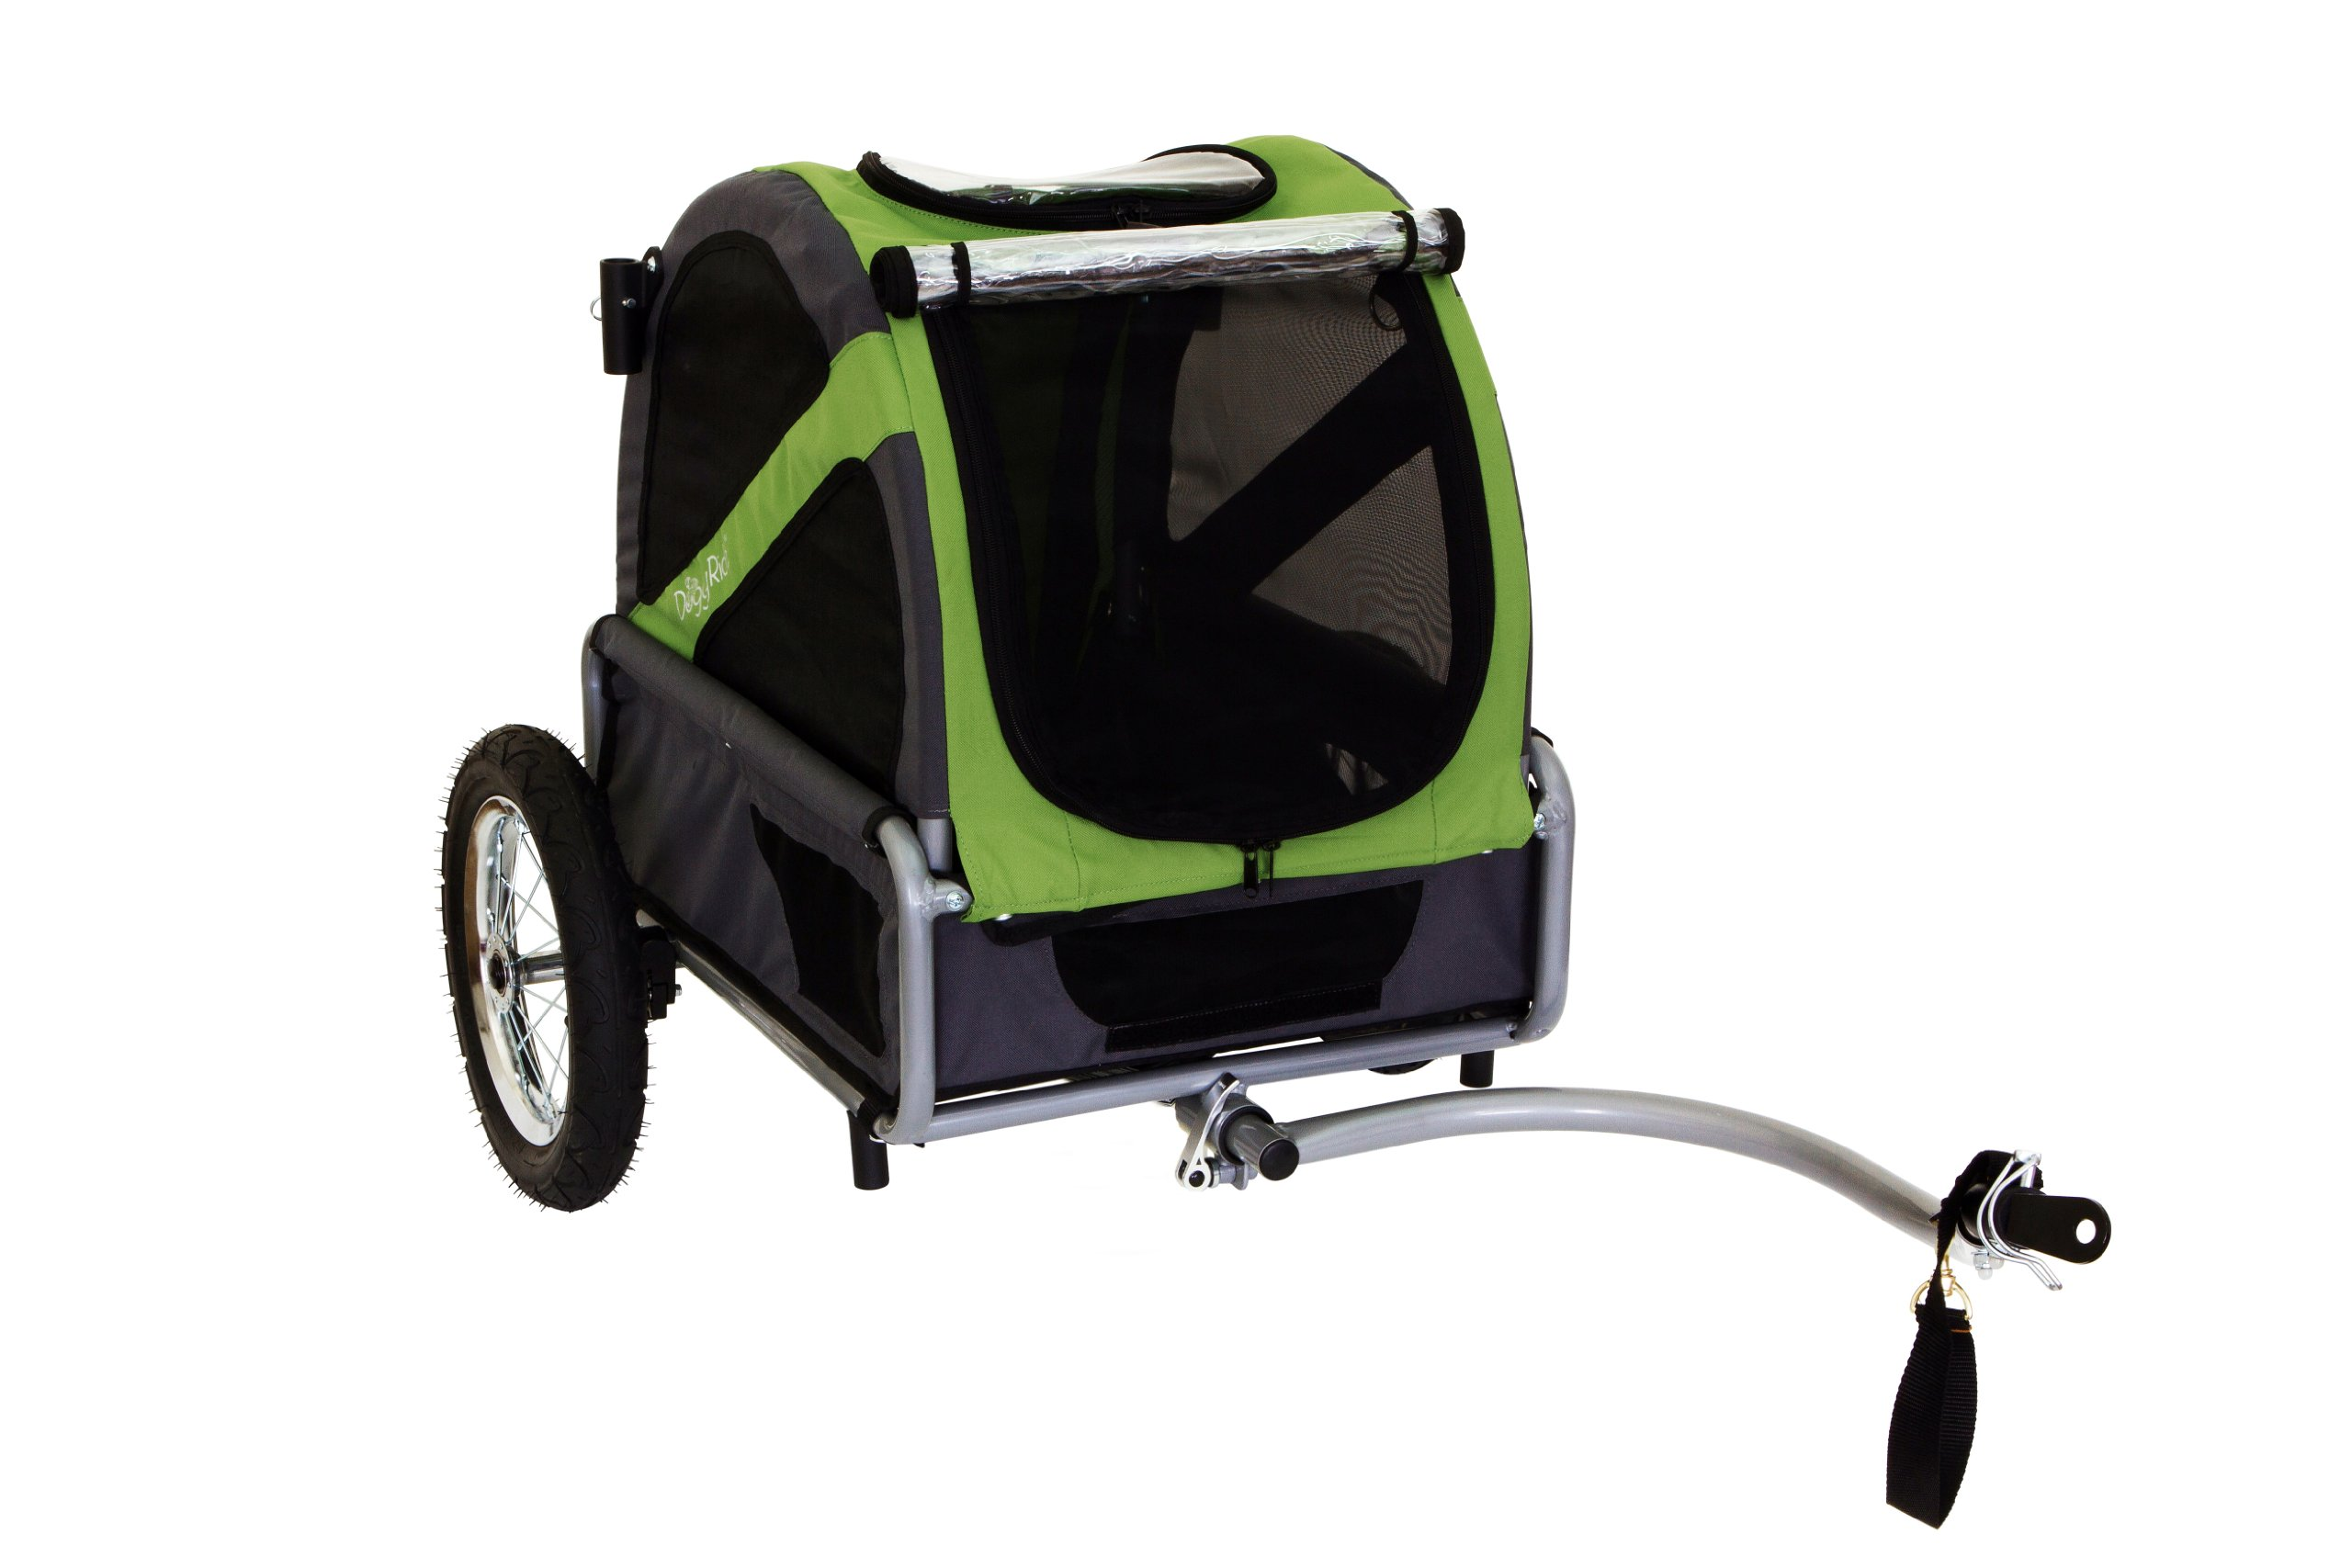 DoggyRide Mini Dog Bike Trailer, Spring Green/Grey by DoggyRide